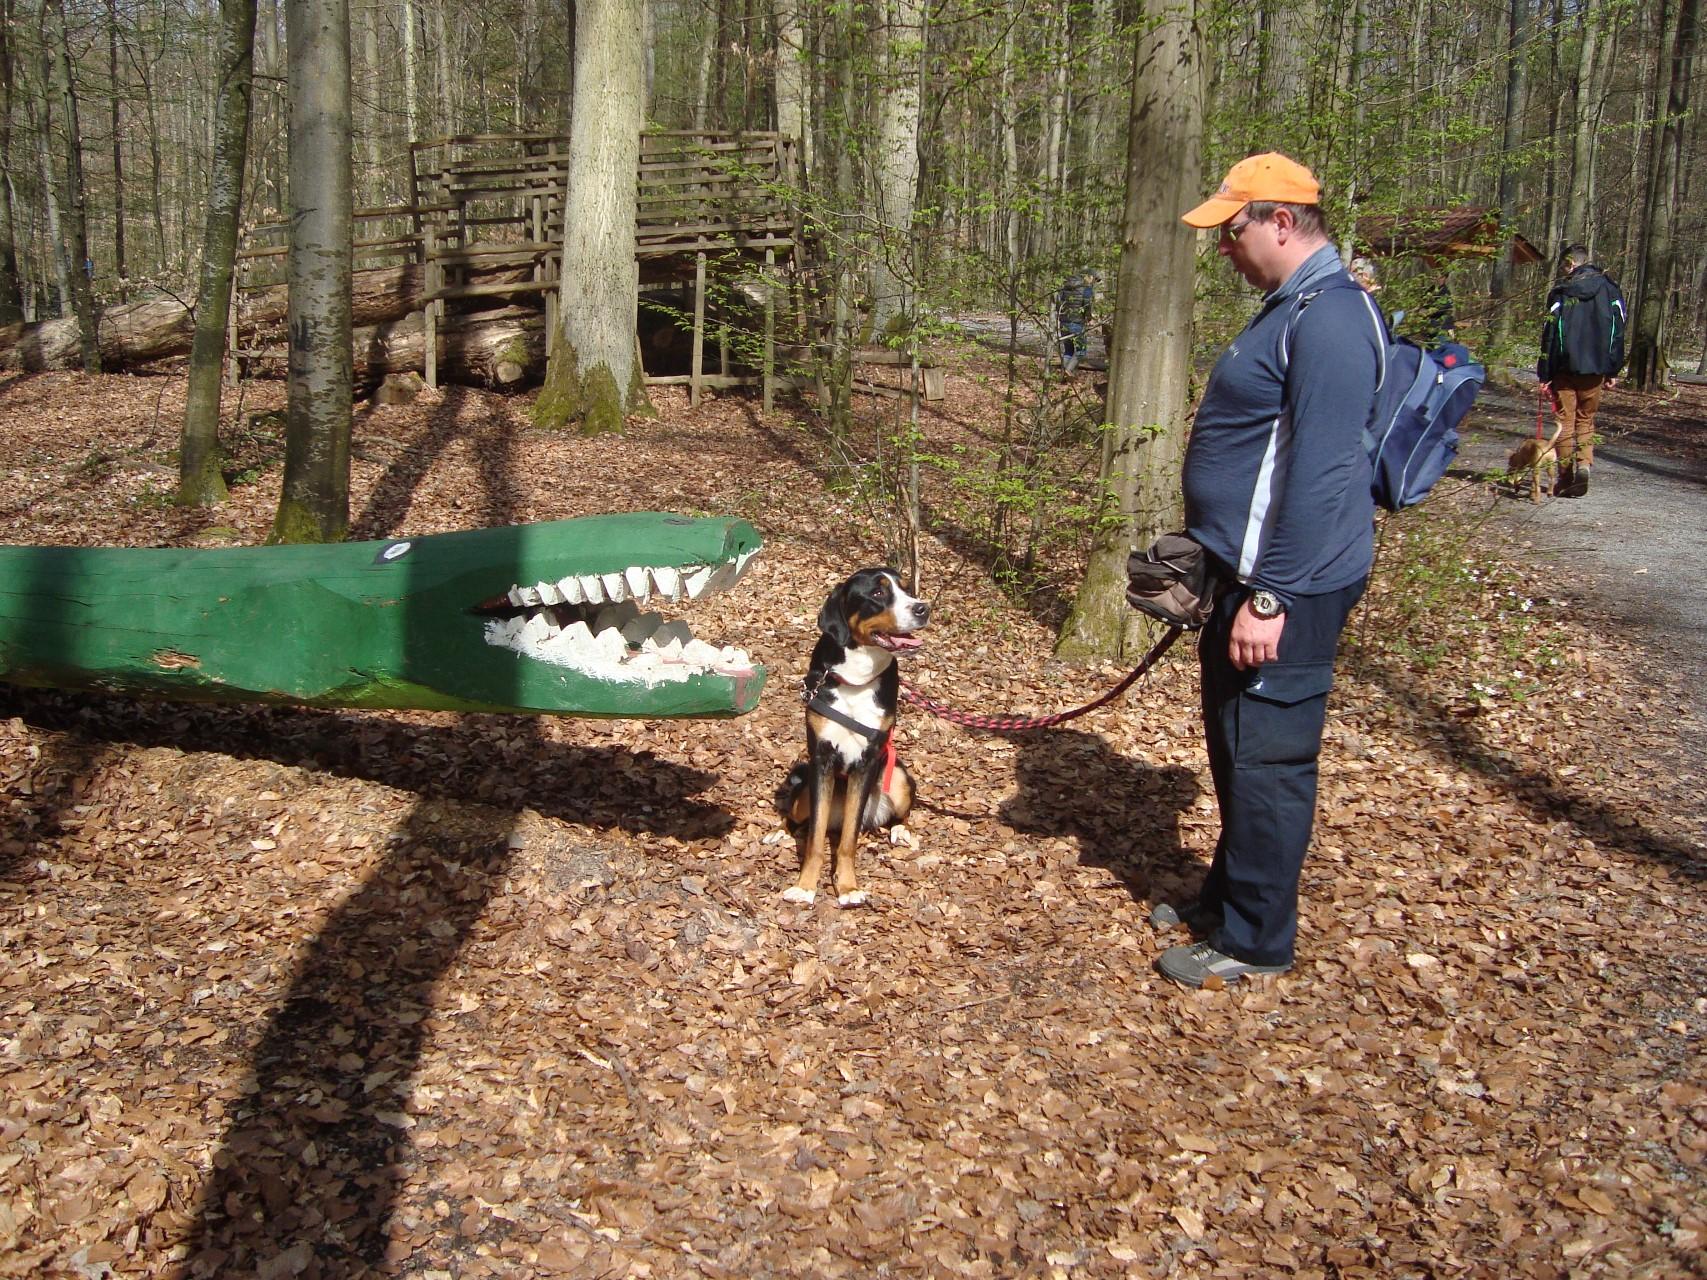 Huch - ein Krokodil mitten im Wald